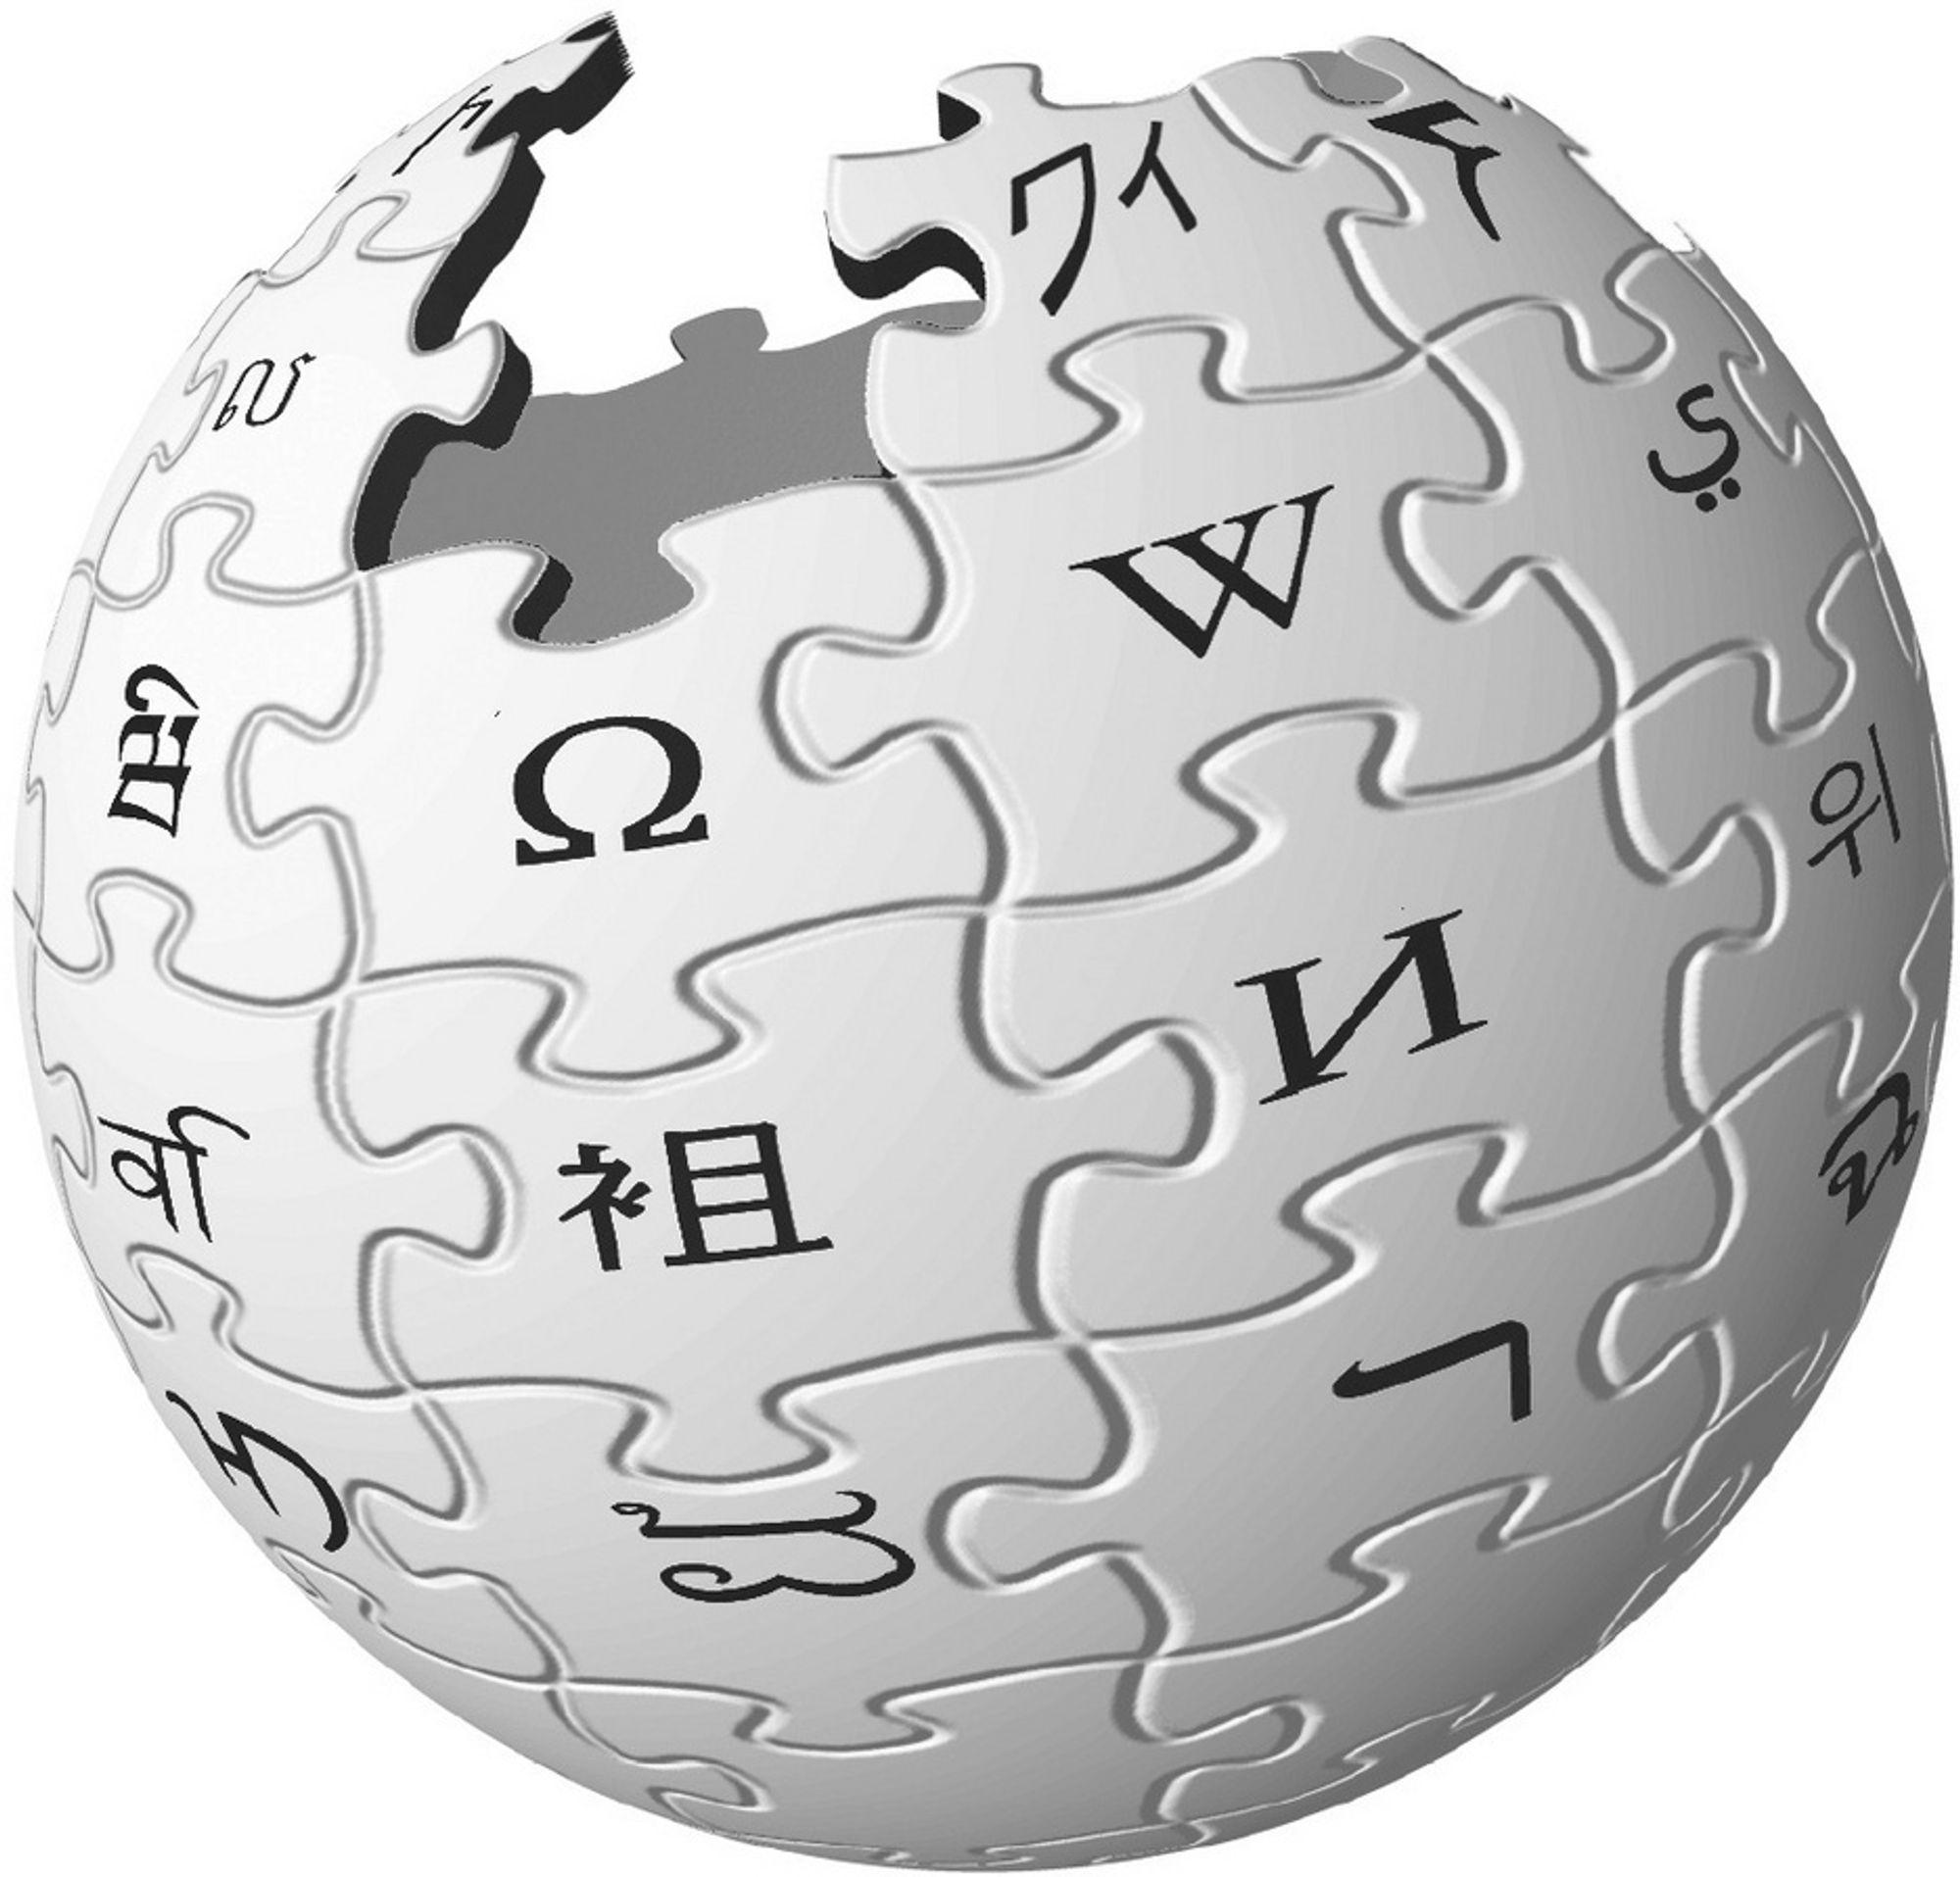 Det åpne nettleksikonet Wikipedia er det mest kjente av Wikimedia-produktene.